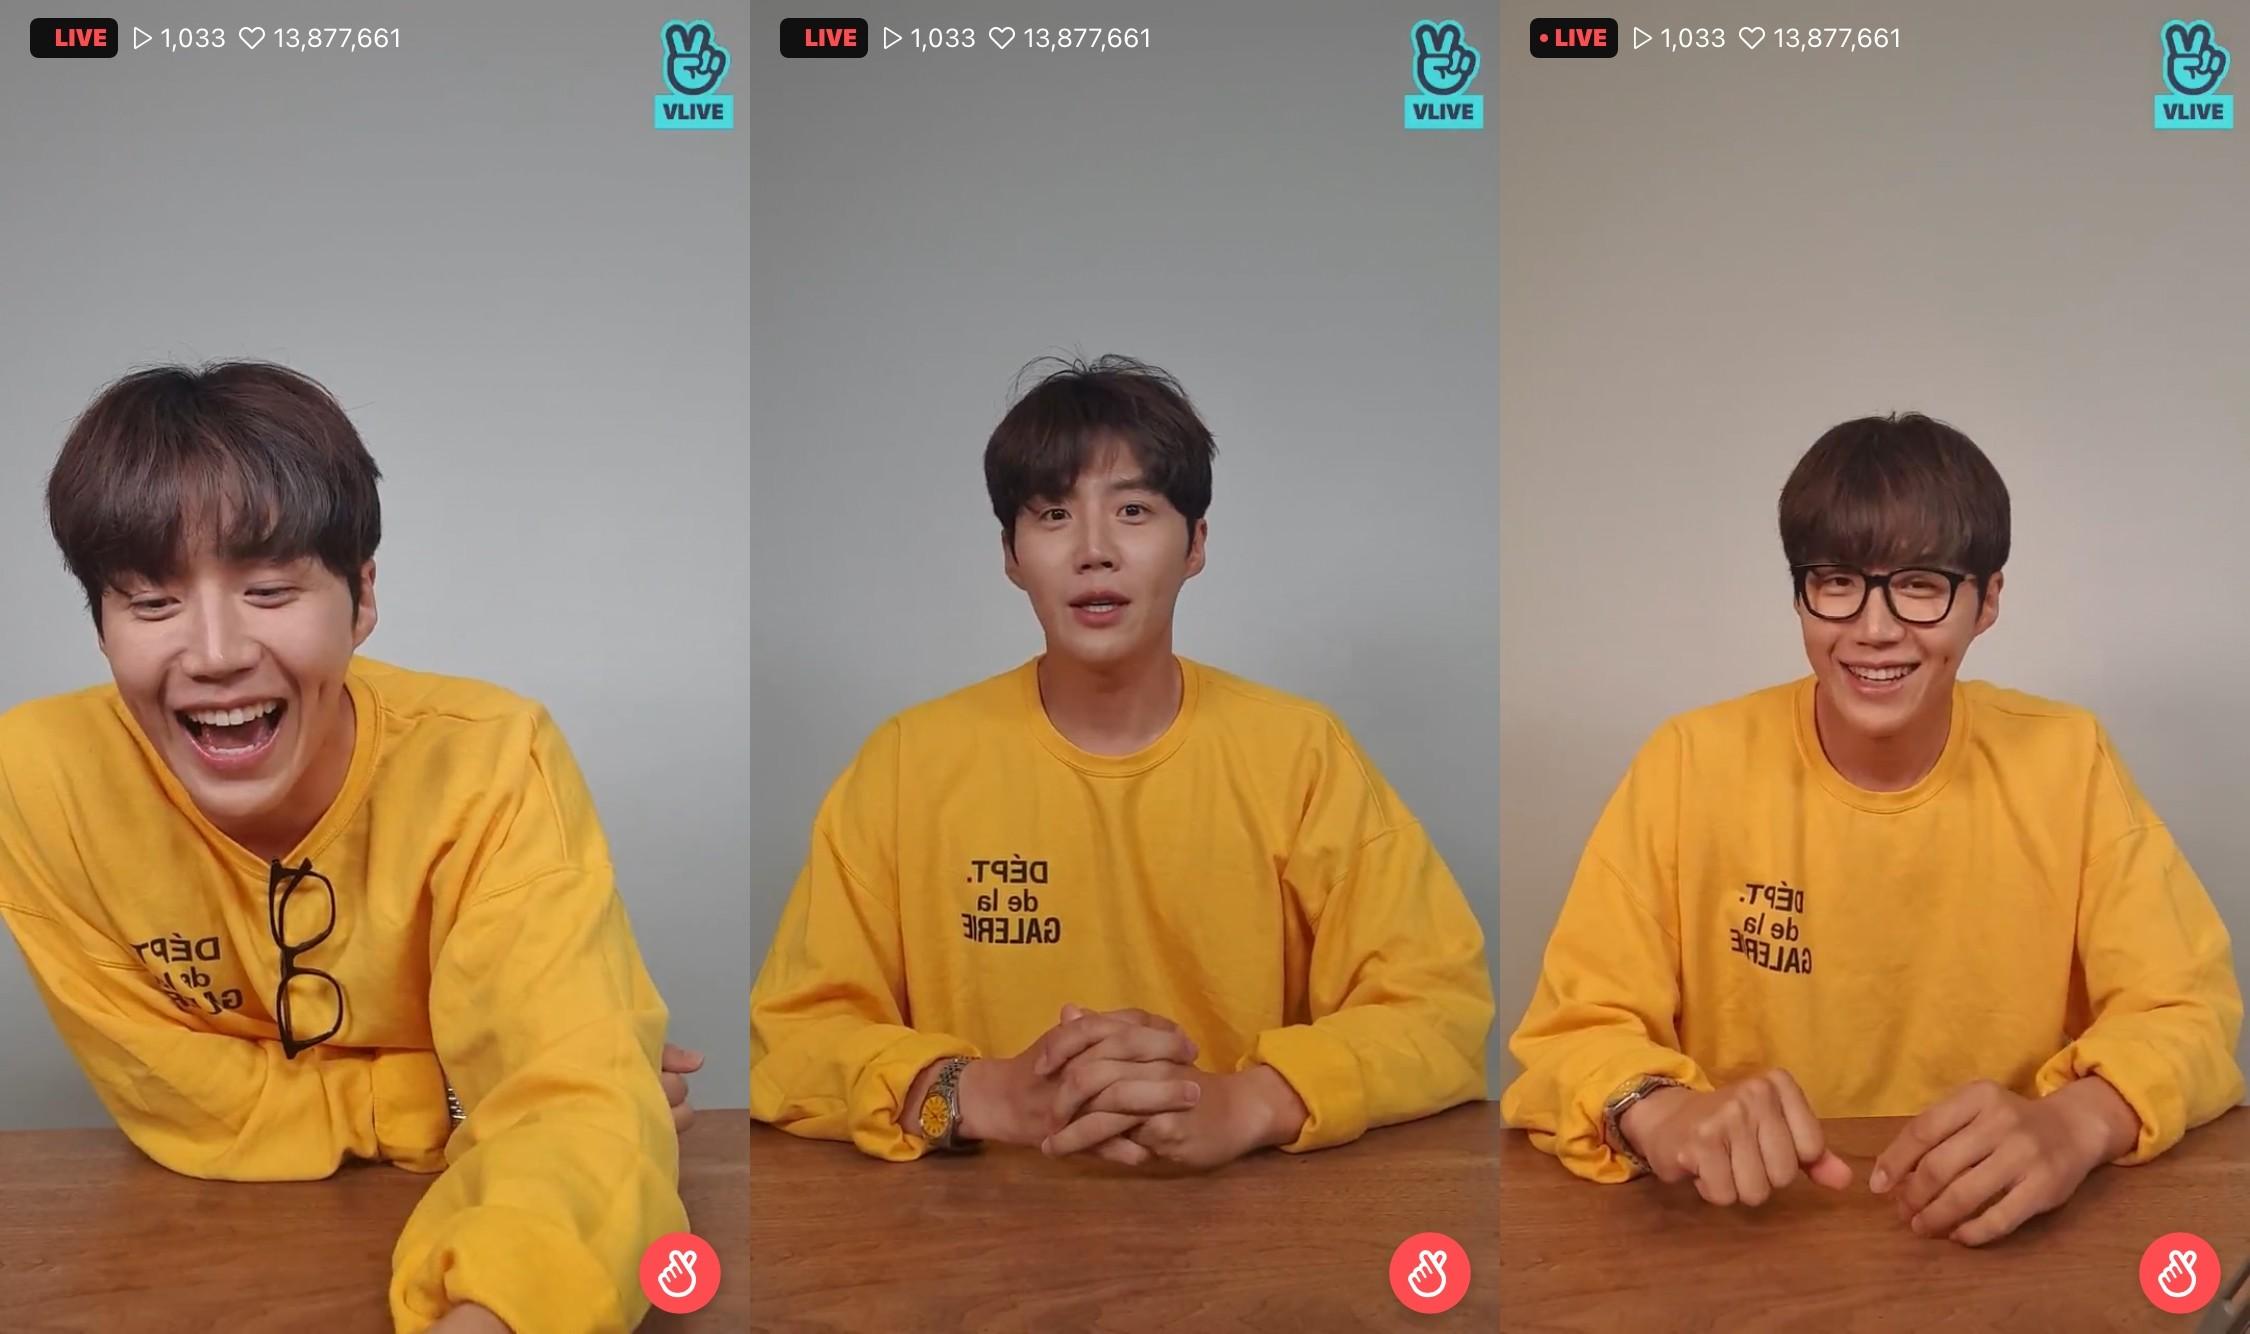 """김선호, 팬송 '너라는 이유' """"쑥스러웠지만 팬들 반응에 기뻤다"""" [V라이브]"""